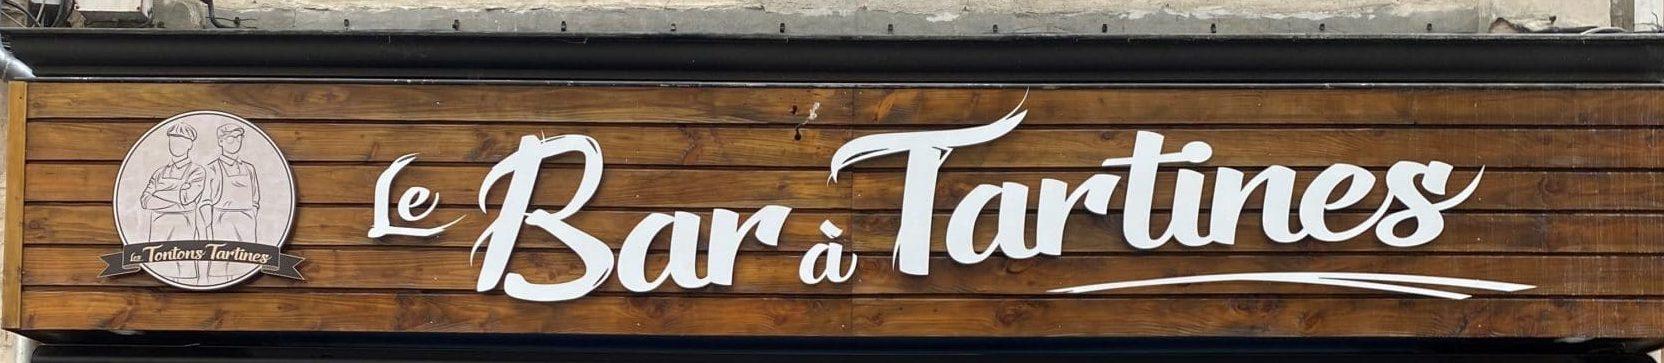 Une enseigne pour le bar des Tontons Tartines.